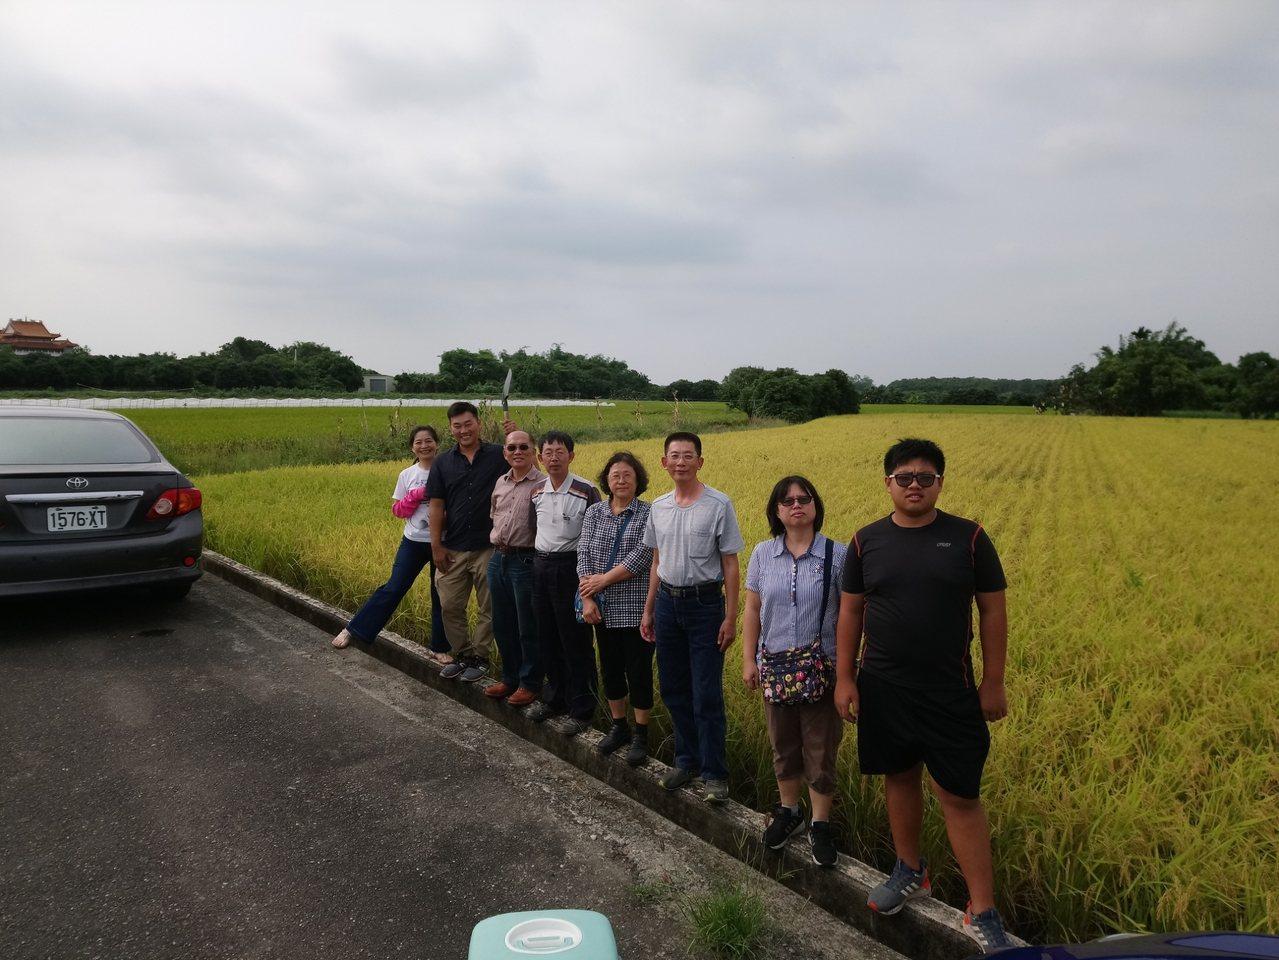 中華食品雙盲檢驗暨認證學會等單位舉辦第一屆的自然農法優質稻米競賽,前往田間採樣送...